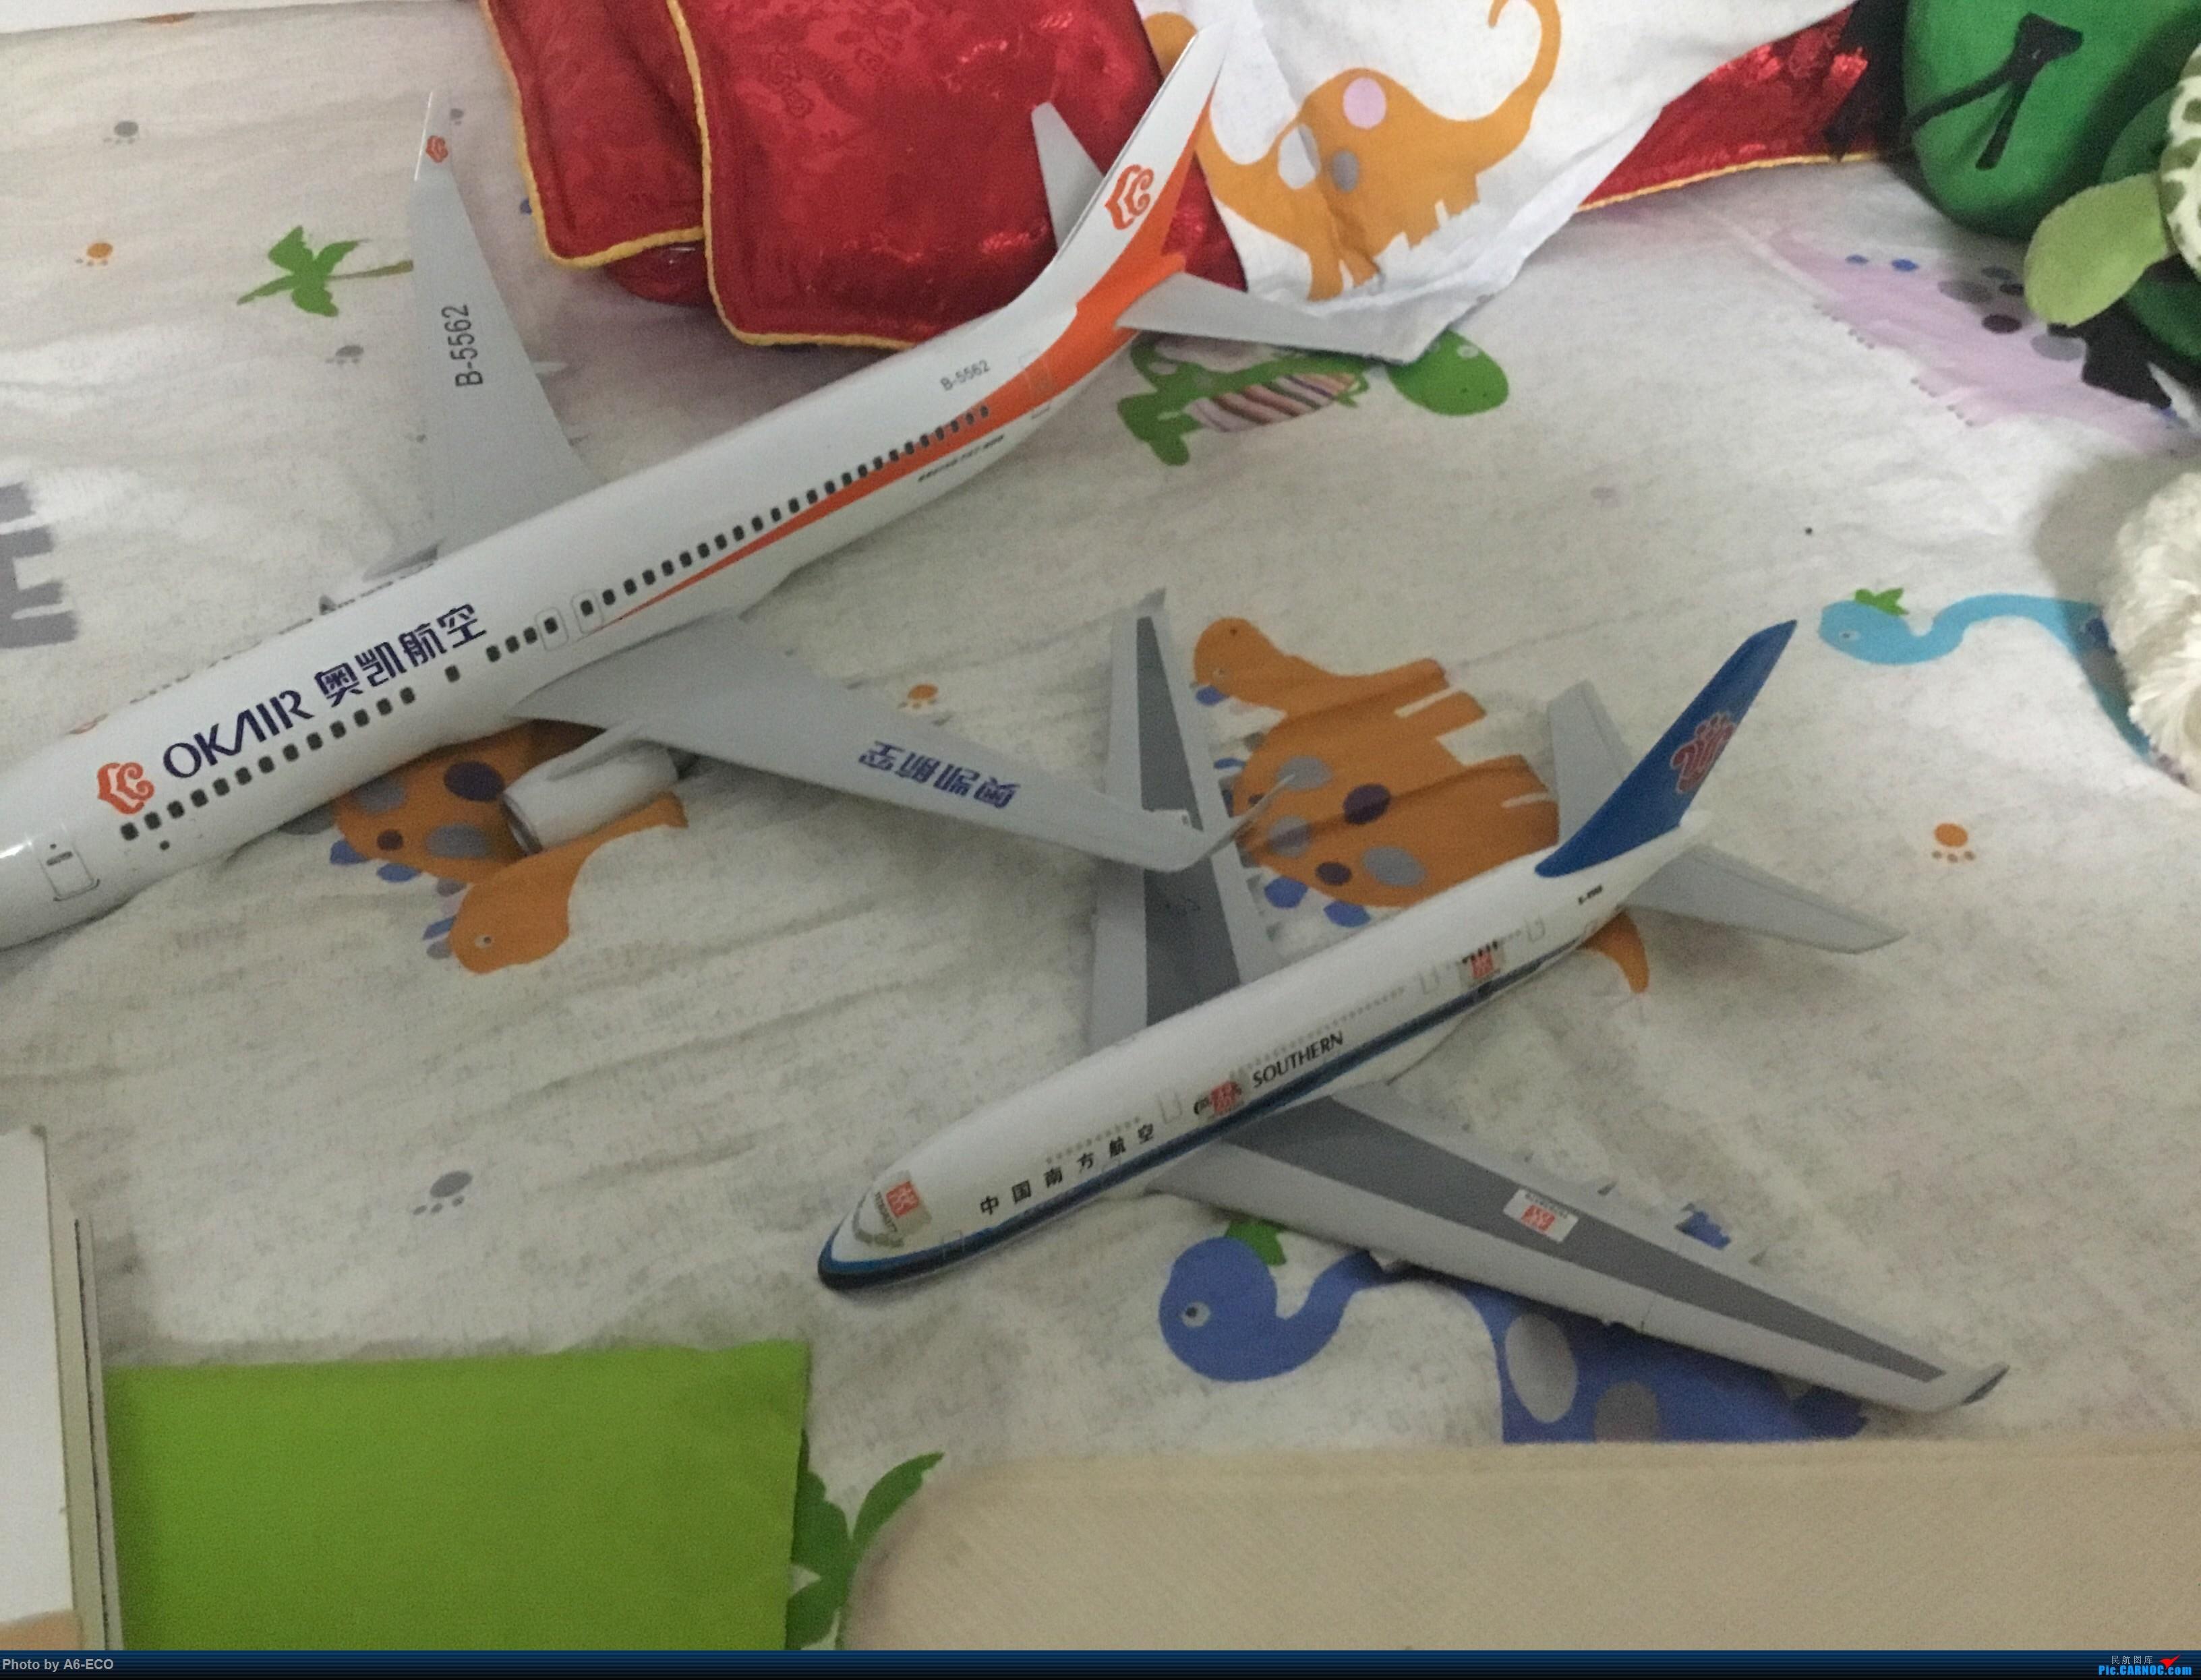 Re:[公告]炫机大赛,晒机模啦!拿出你的好货,看你有多土豪! AIRBUS A330-300 B-8968 中国北京首都国际机场